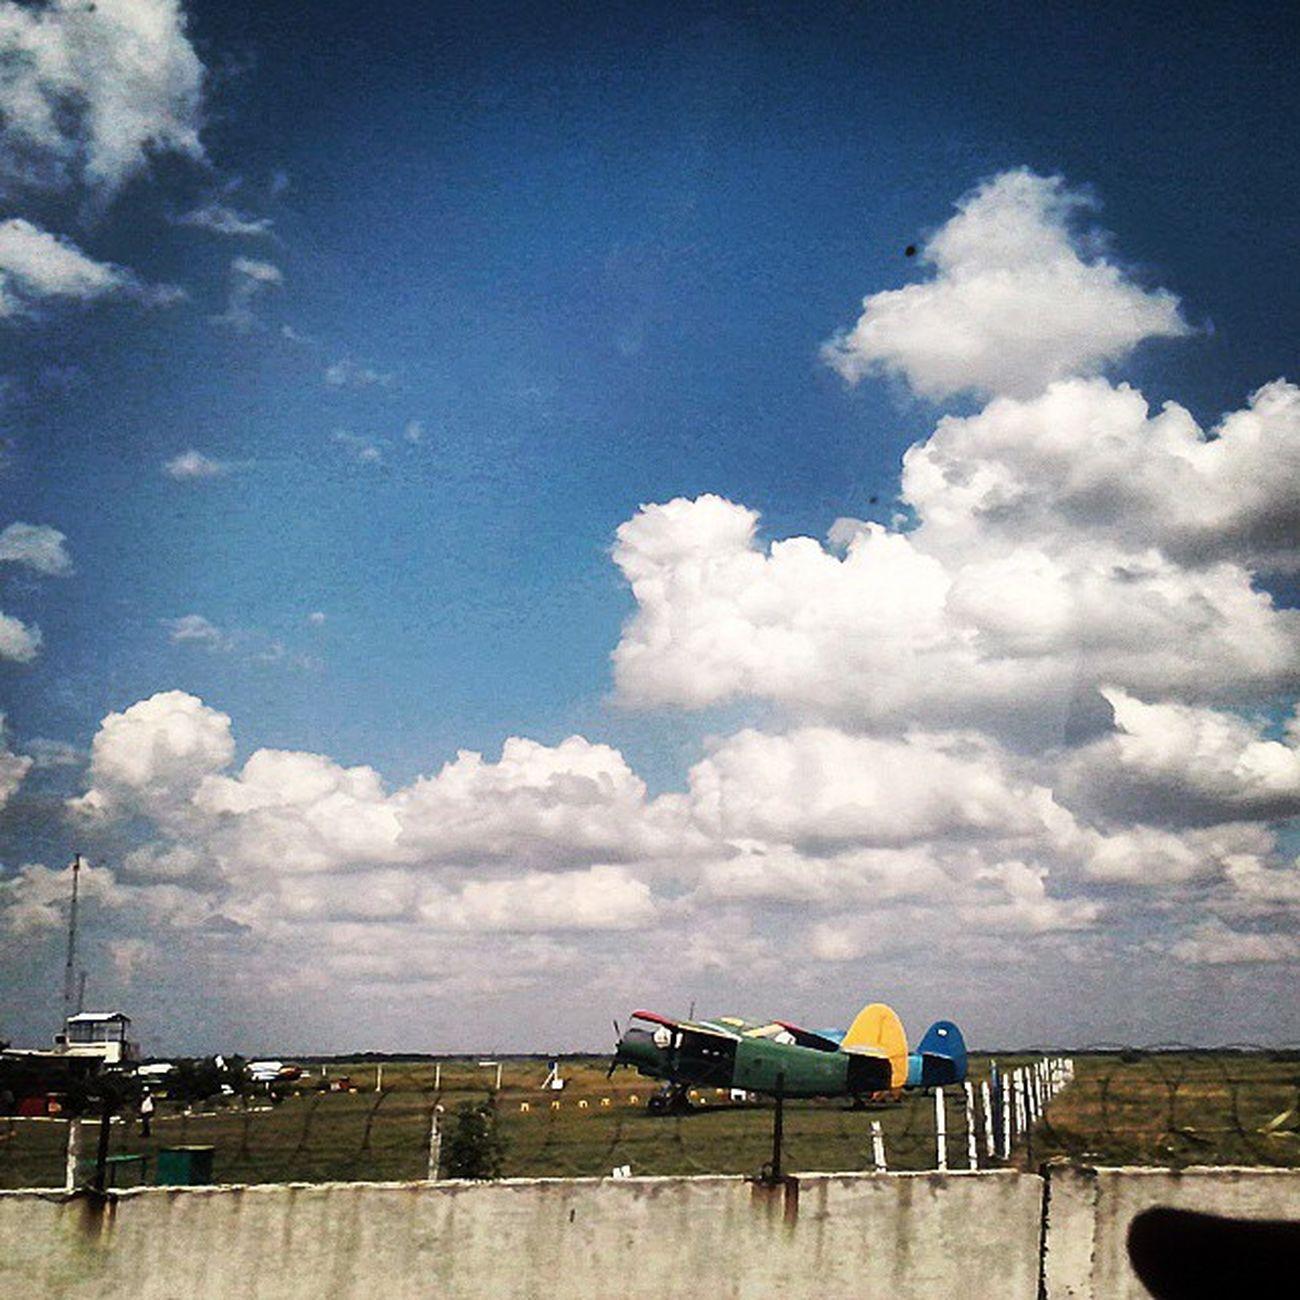 николаевский_аэродром Самолёты самолетики Природа небо тучи Sky